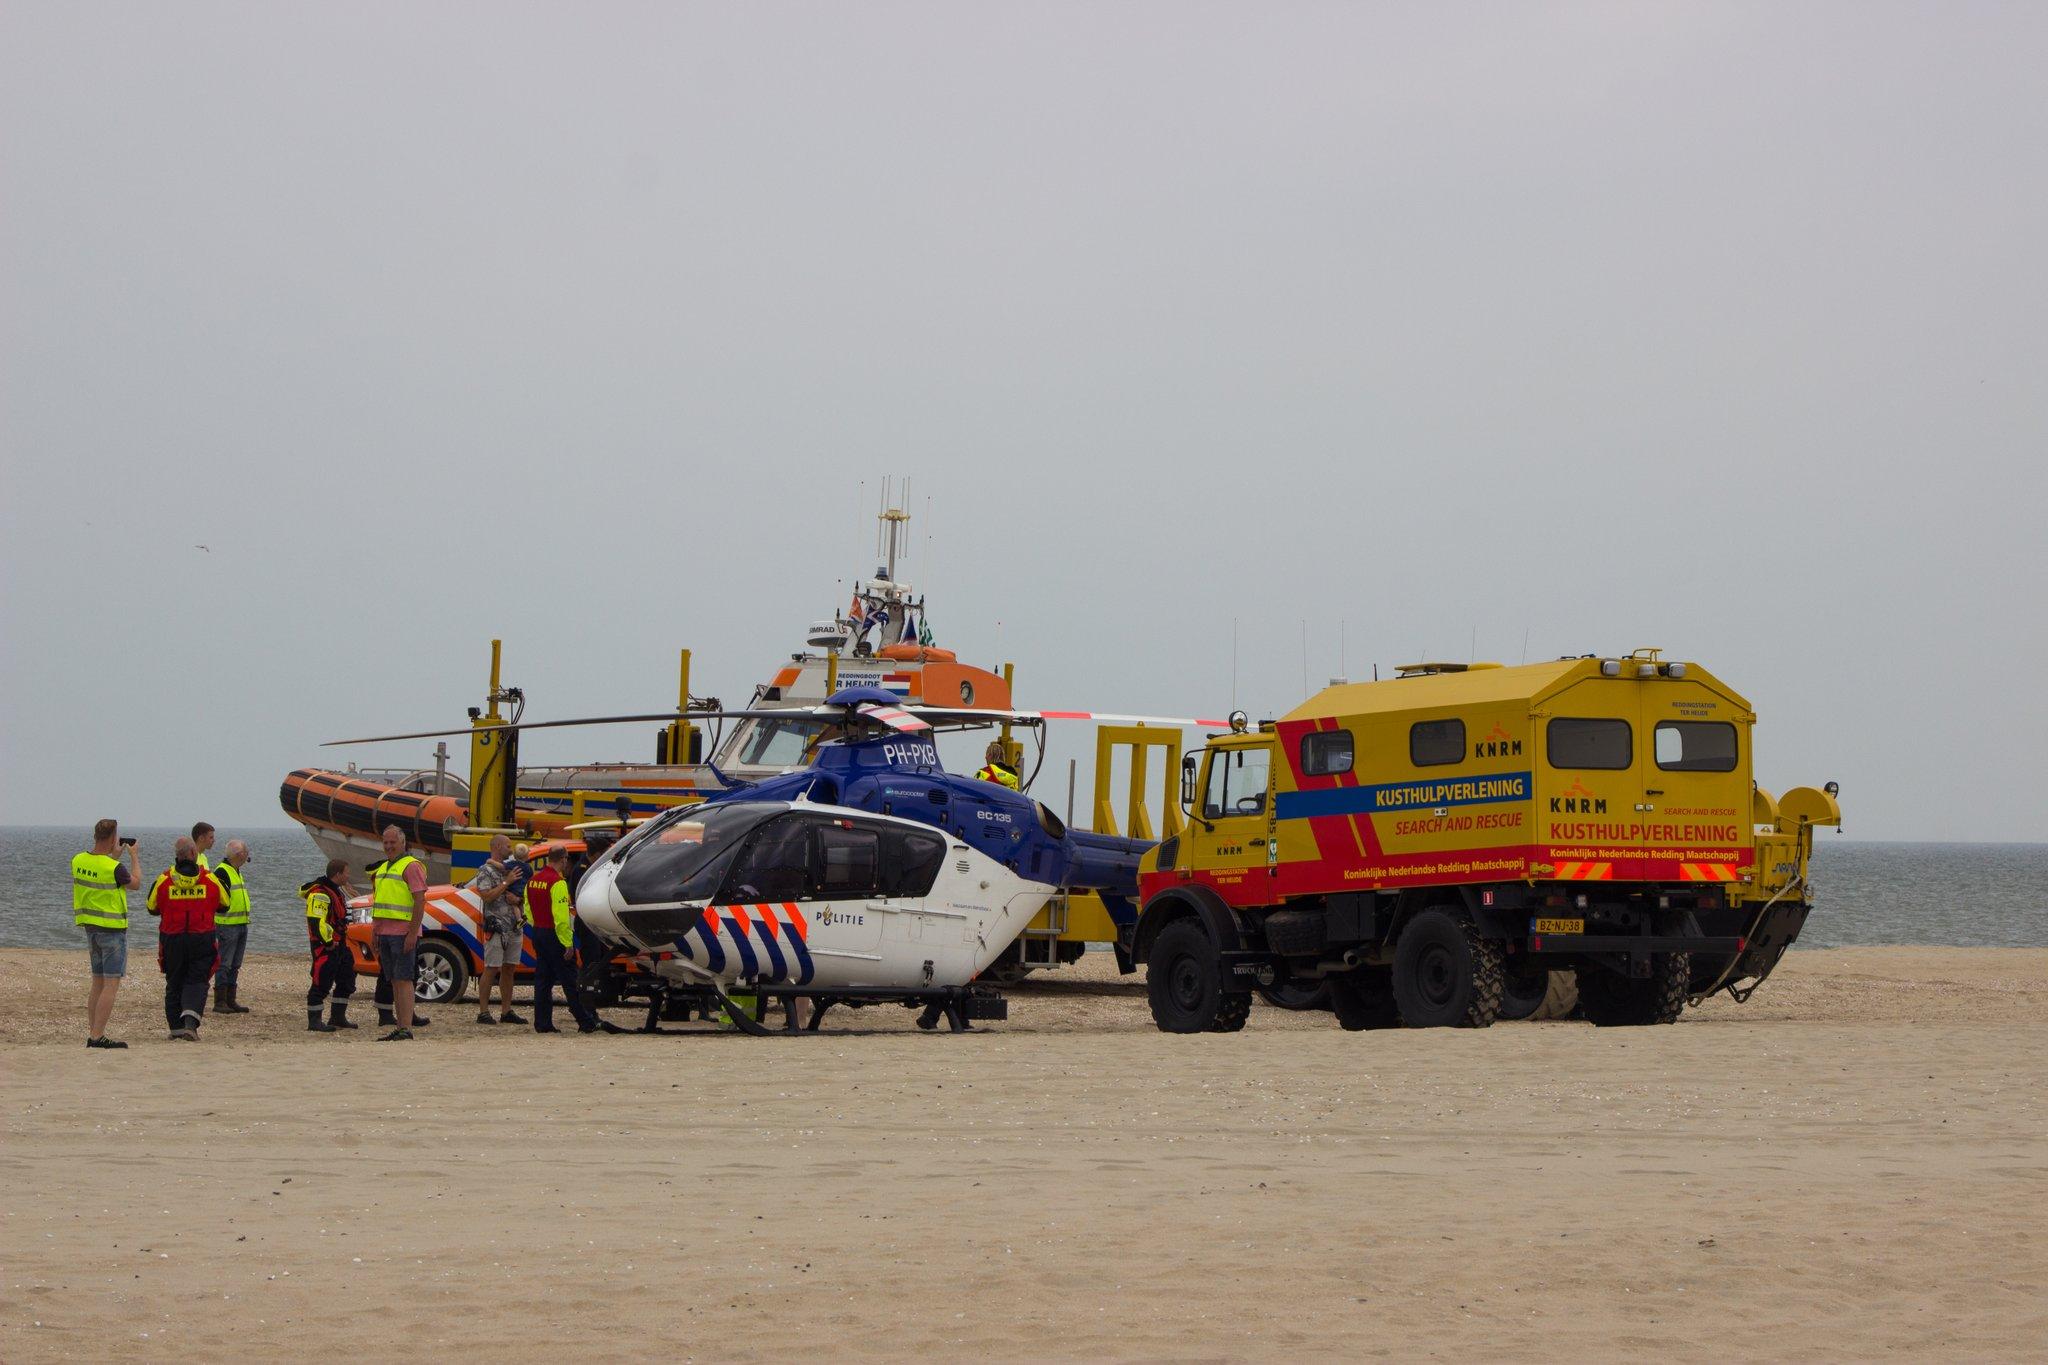 Politiehelikopter en KNRM oefenen voor vermiste personen